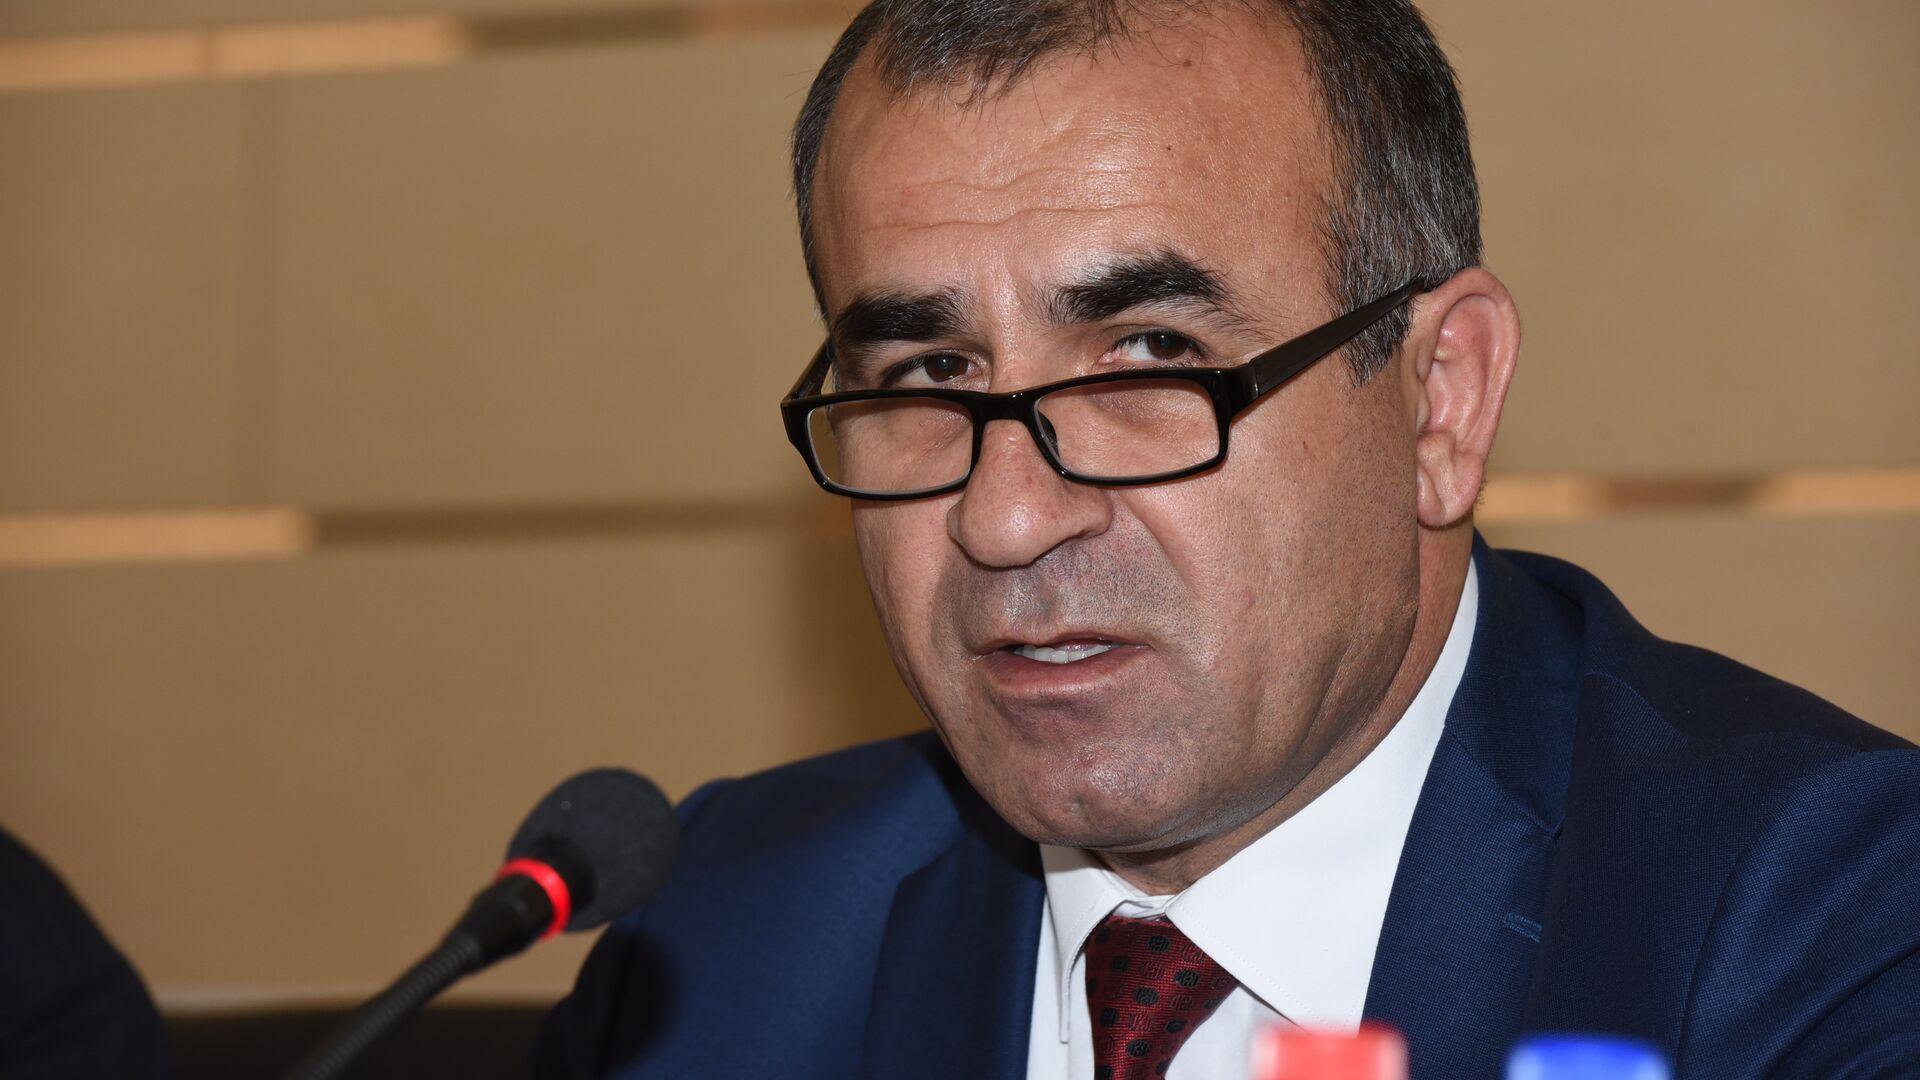 Рахмон Юсуф Ахмадзод генеральный прокурор РТ, архивное фото - Sputnik Таджикистан, 1920, 23.09.2021